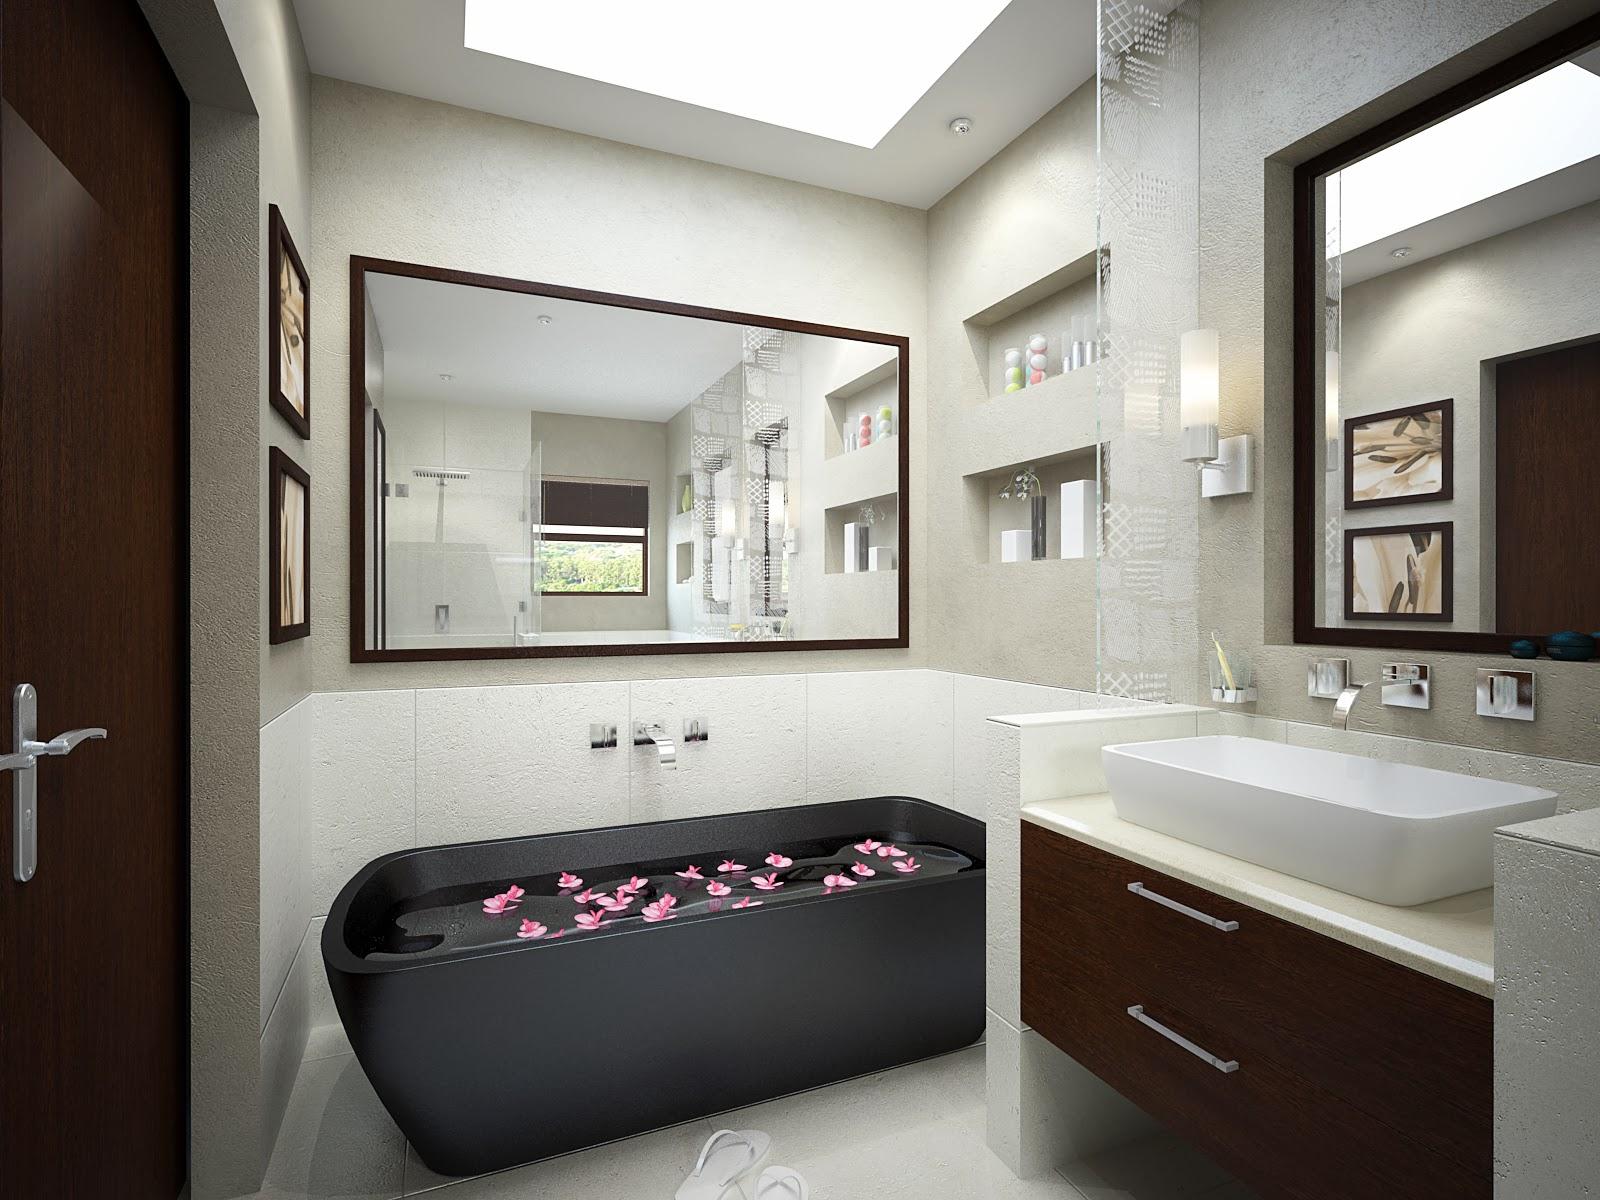 Bathroom interior Design | Best Interior